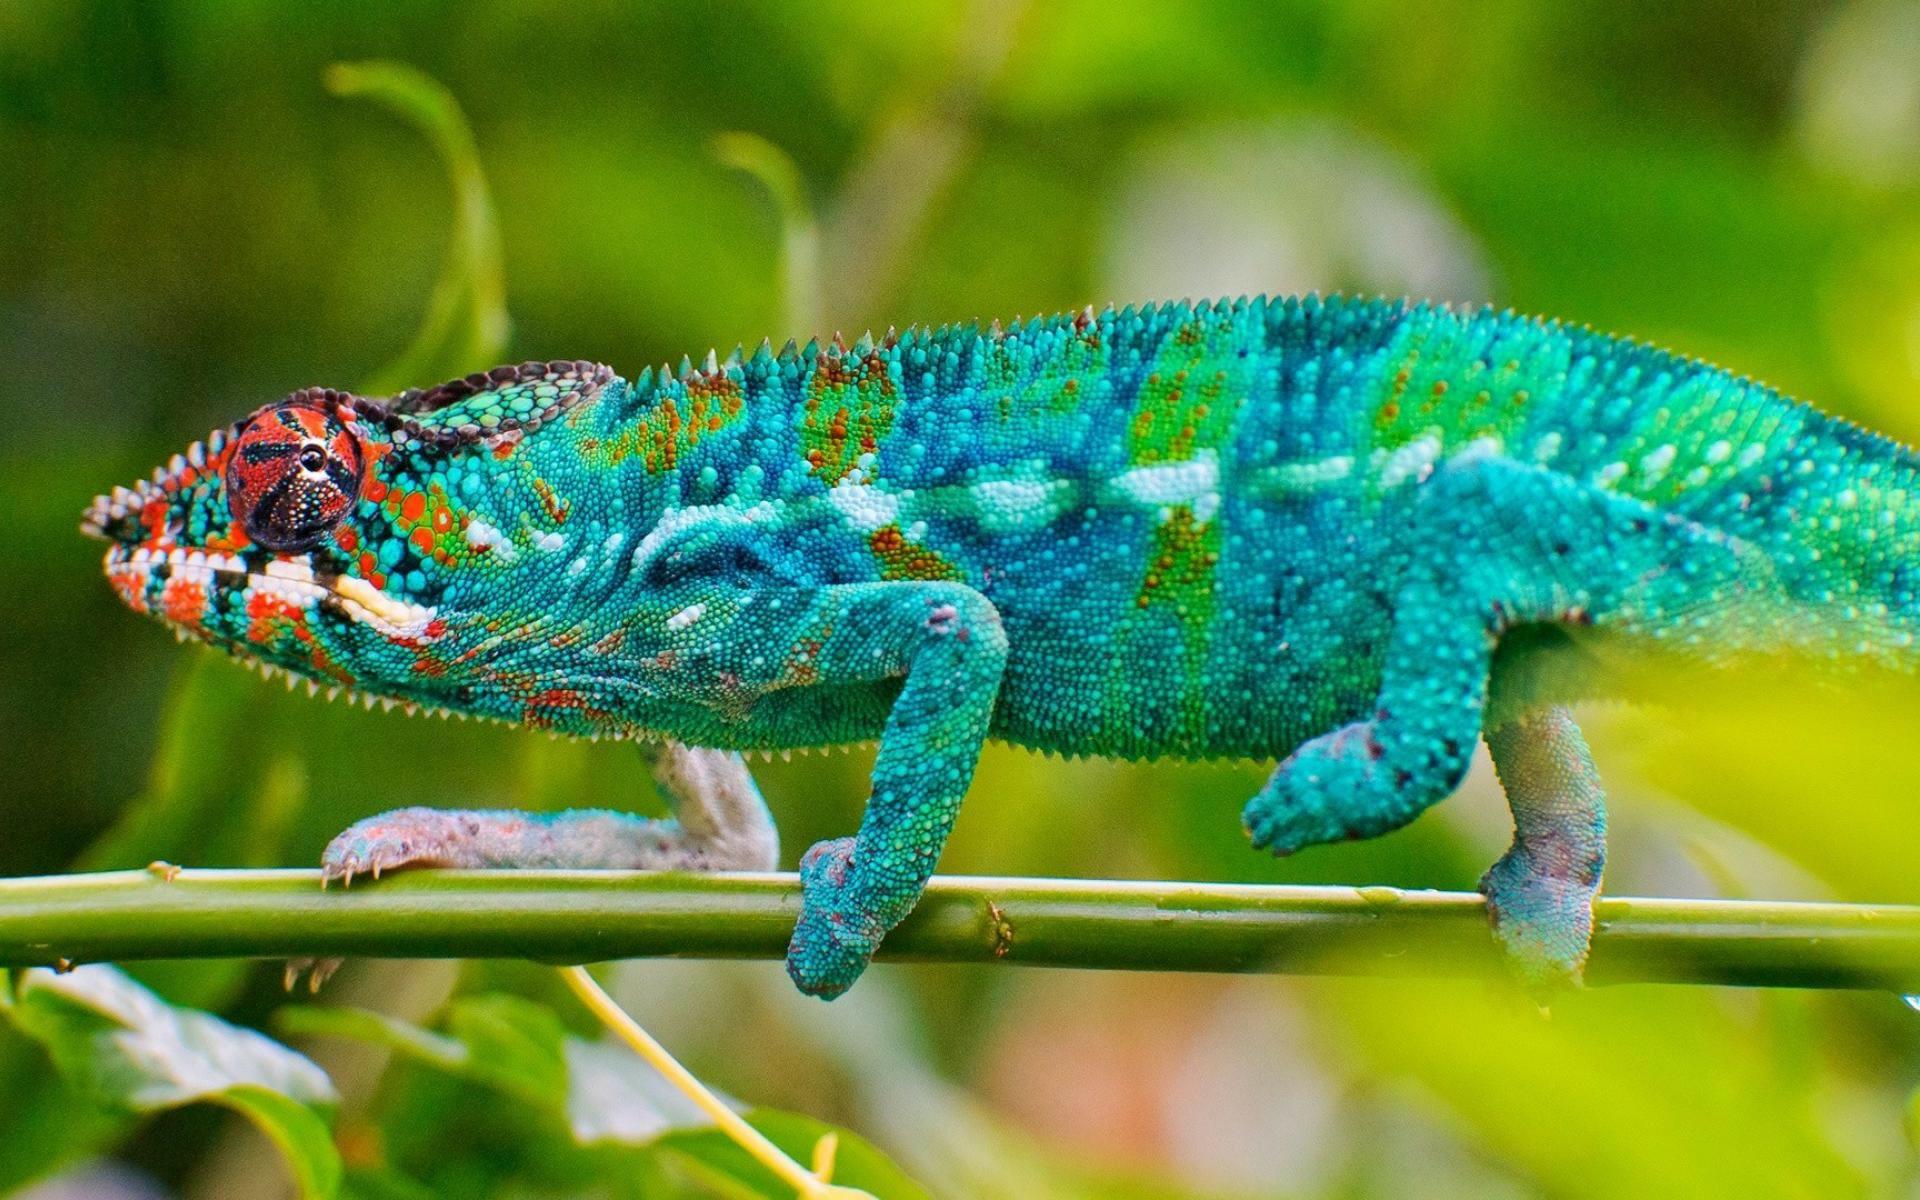 Chameleon 1920x1200